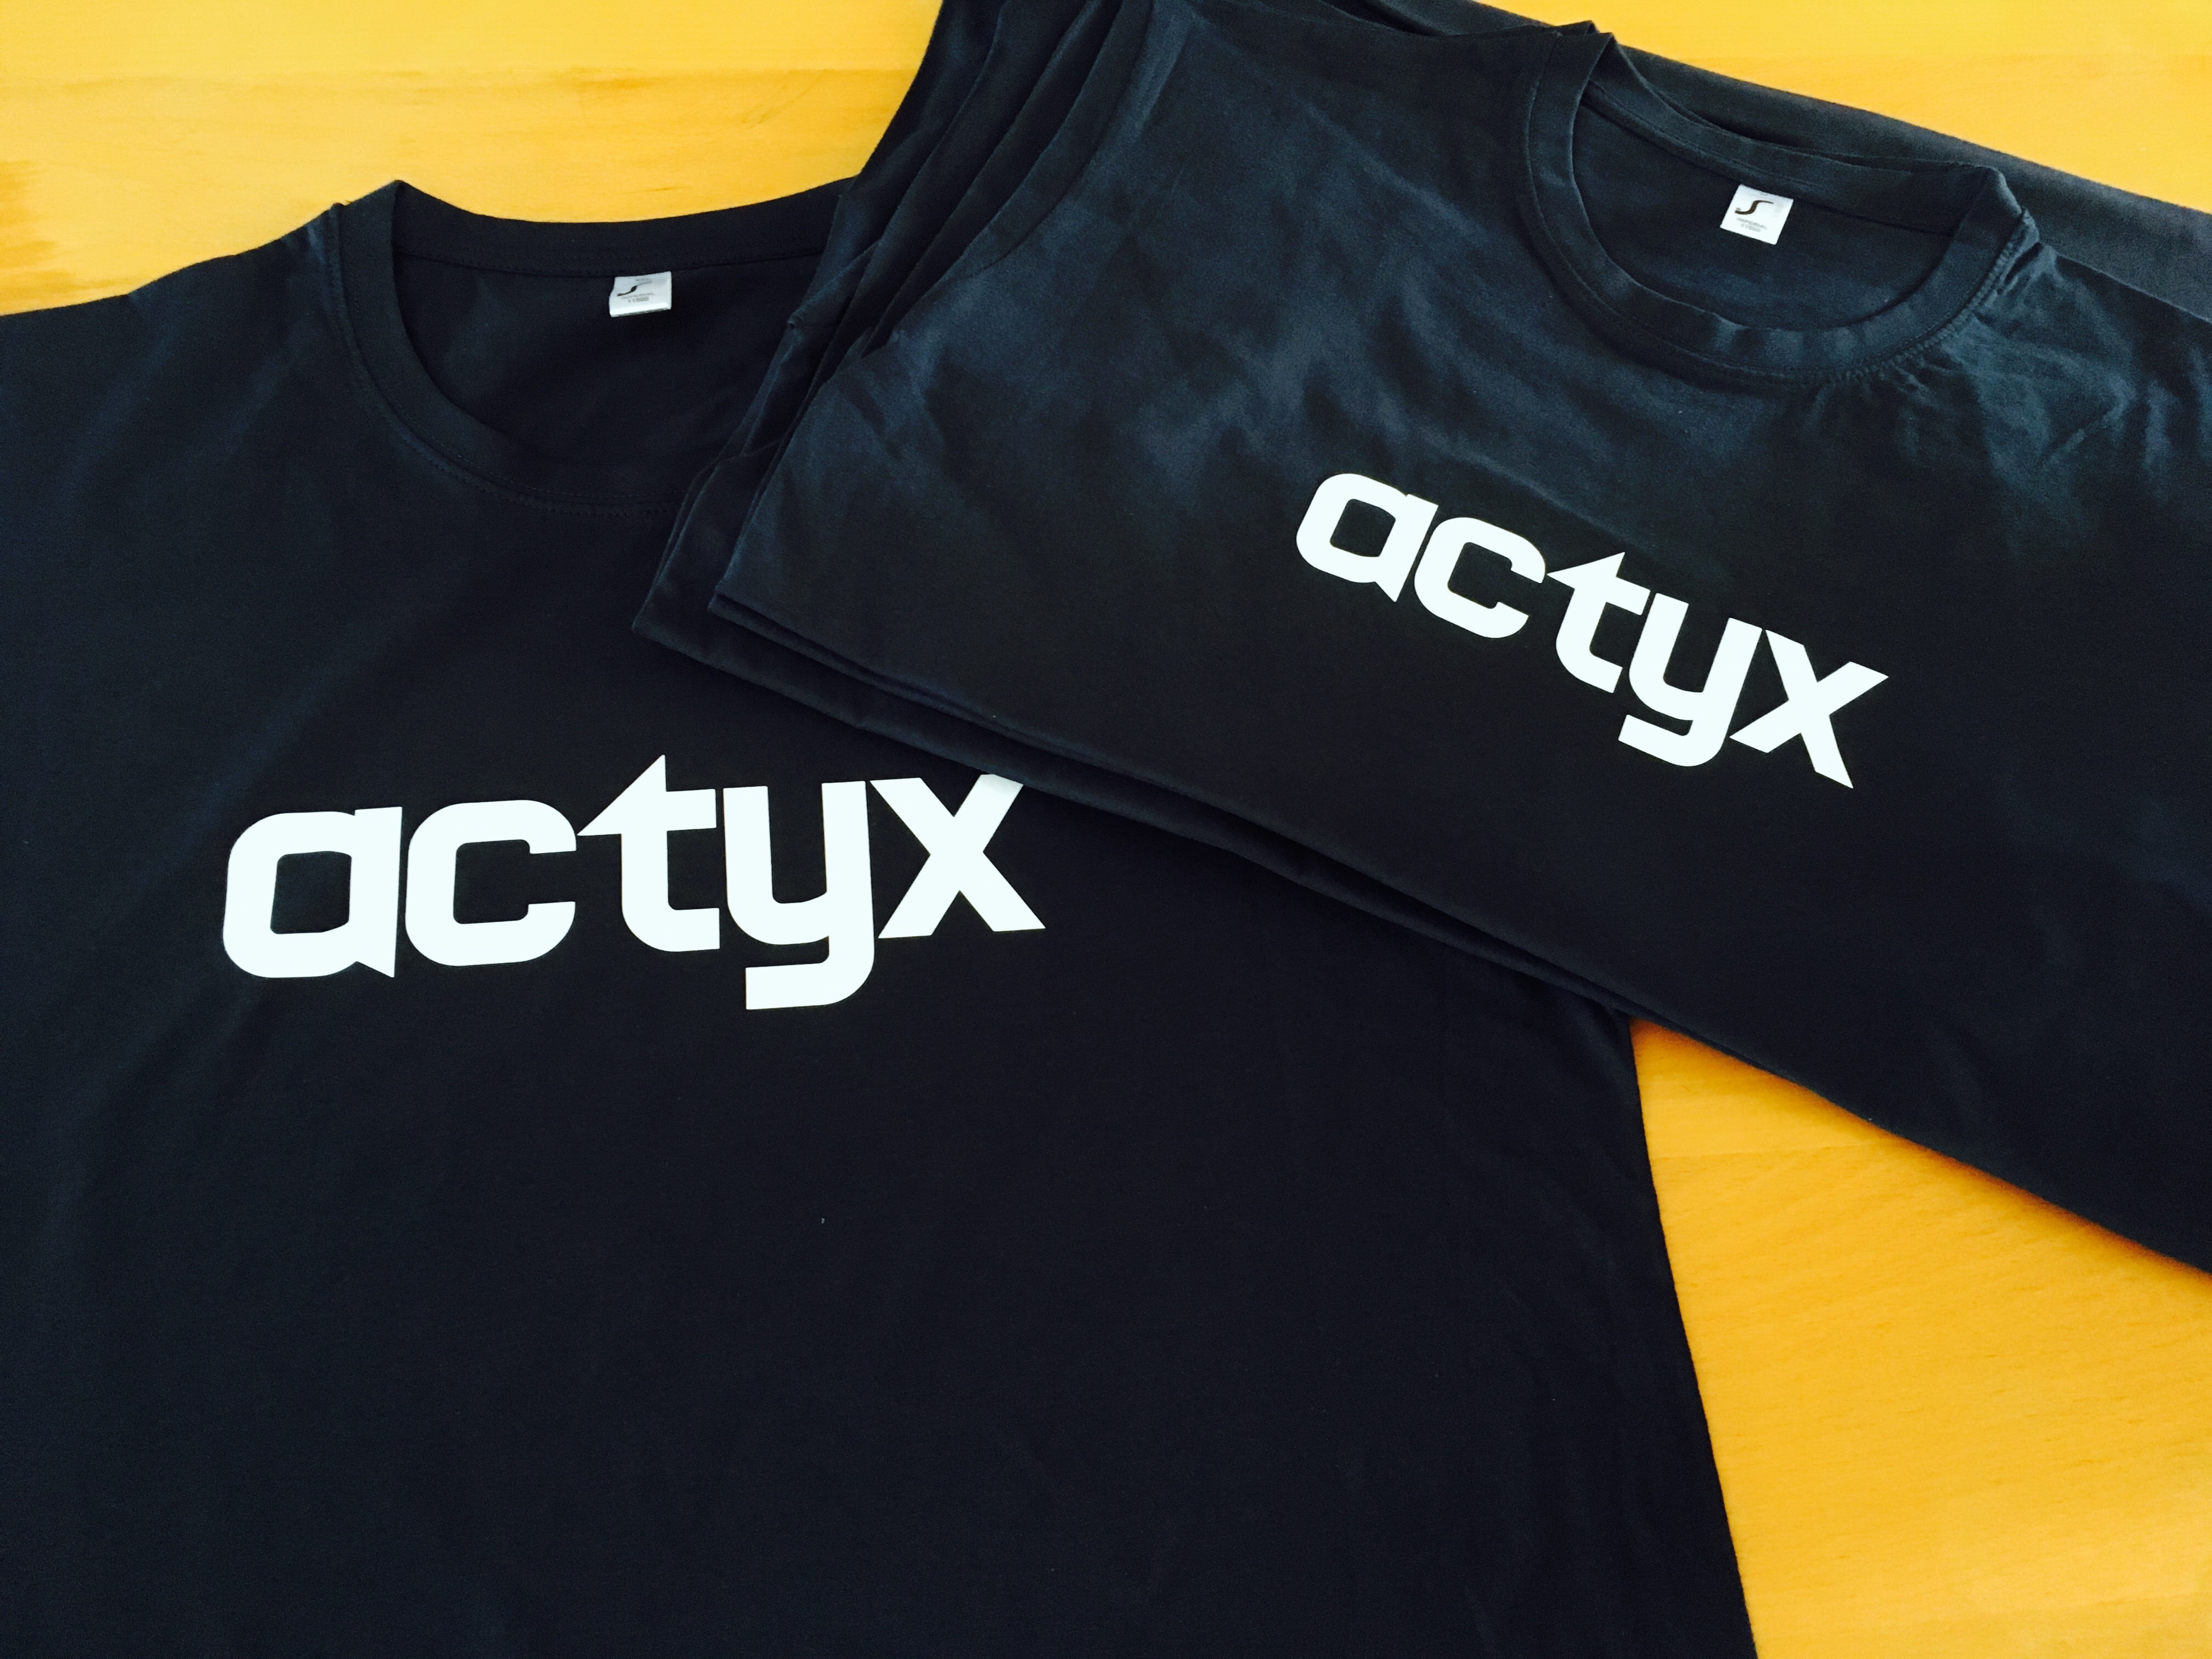 Actyx